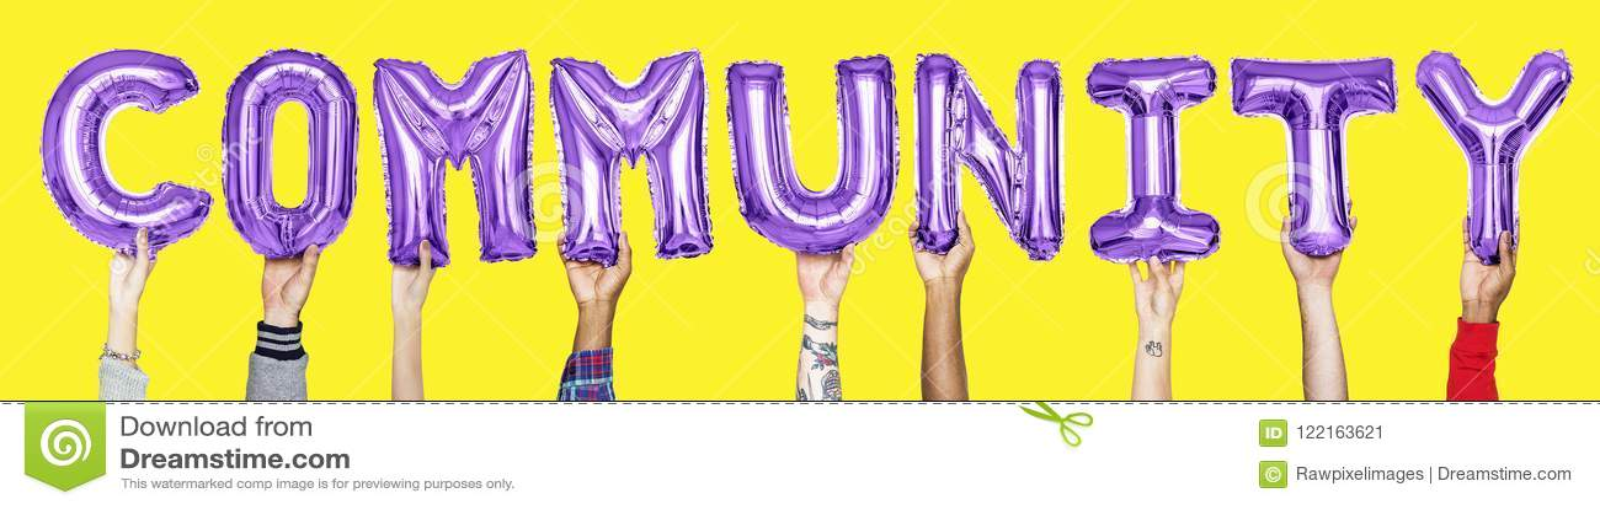 Purpere alfabetballons die de woordgemeenschap vormen